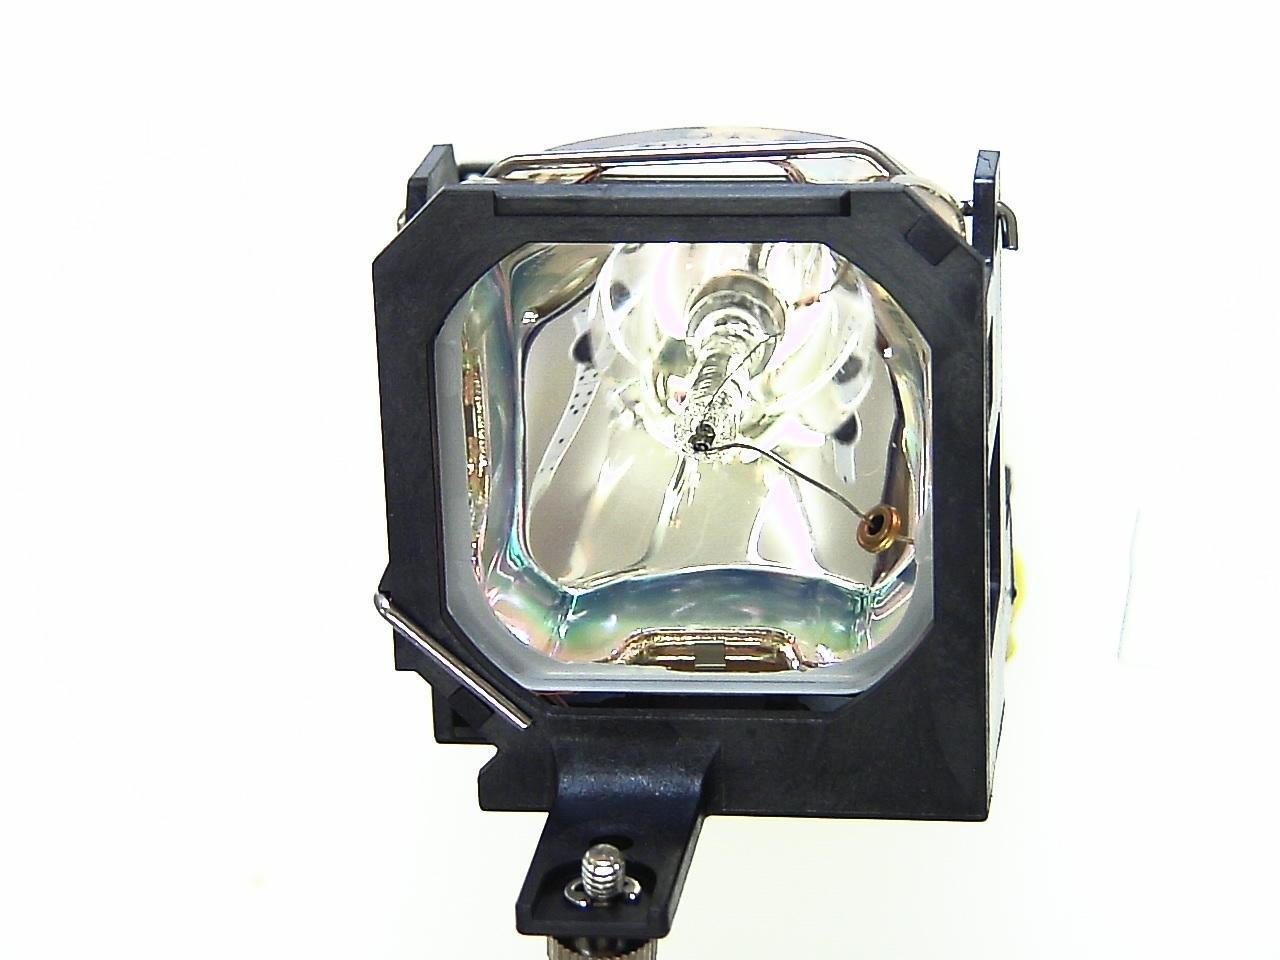 Foto Actualizado lámpara - ballasta (lastre) delta para delta av 310